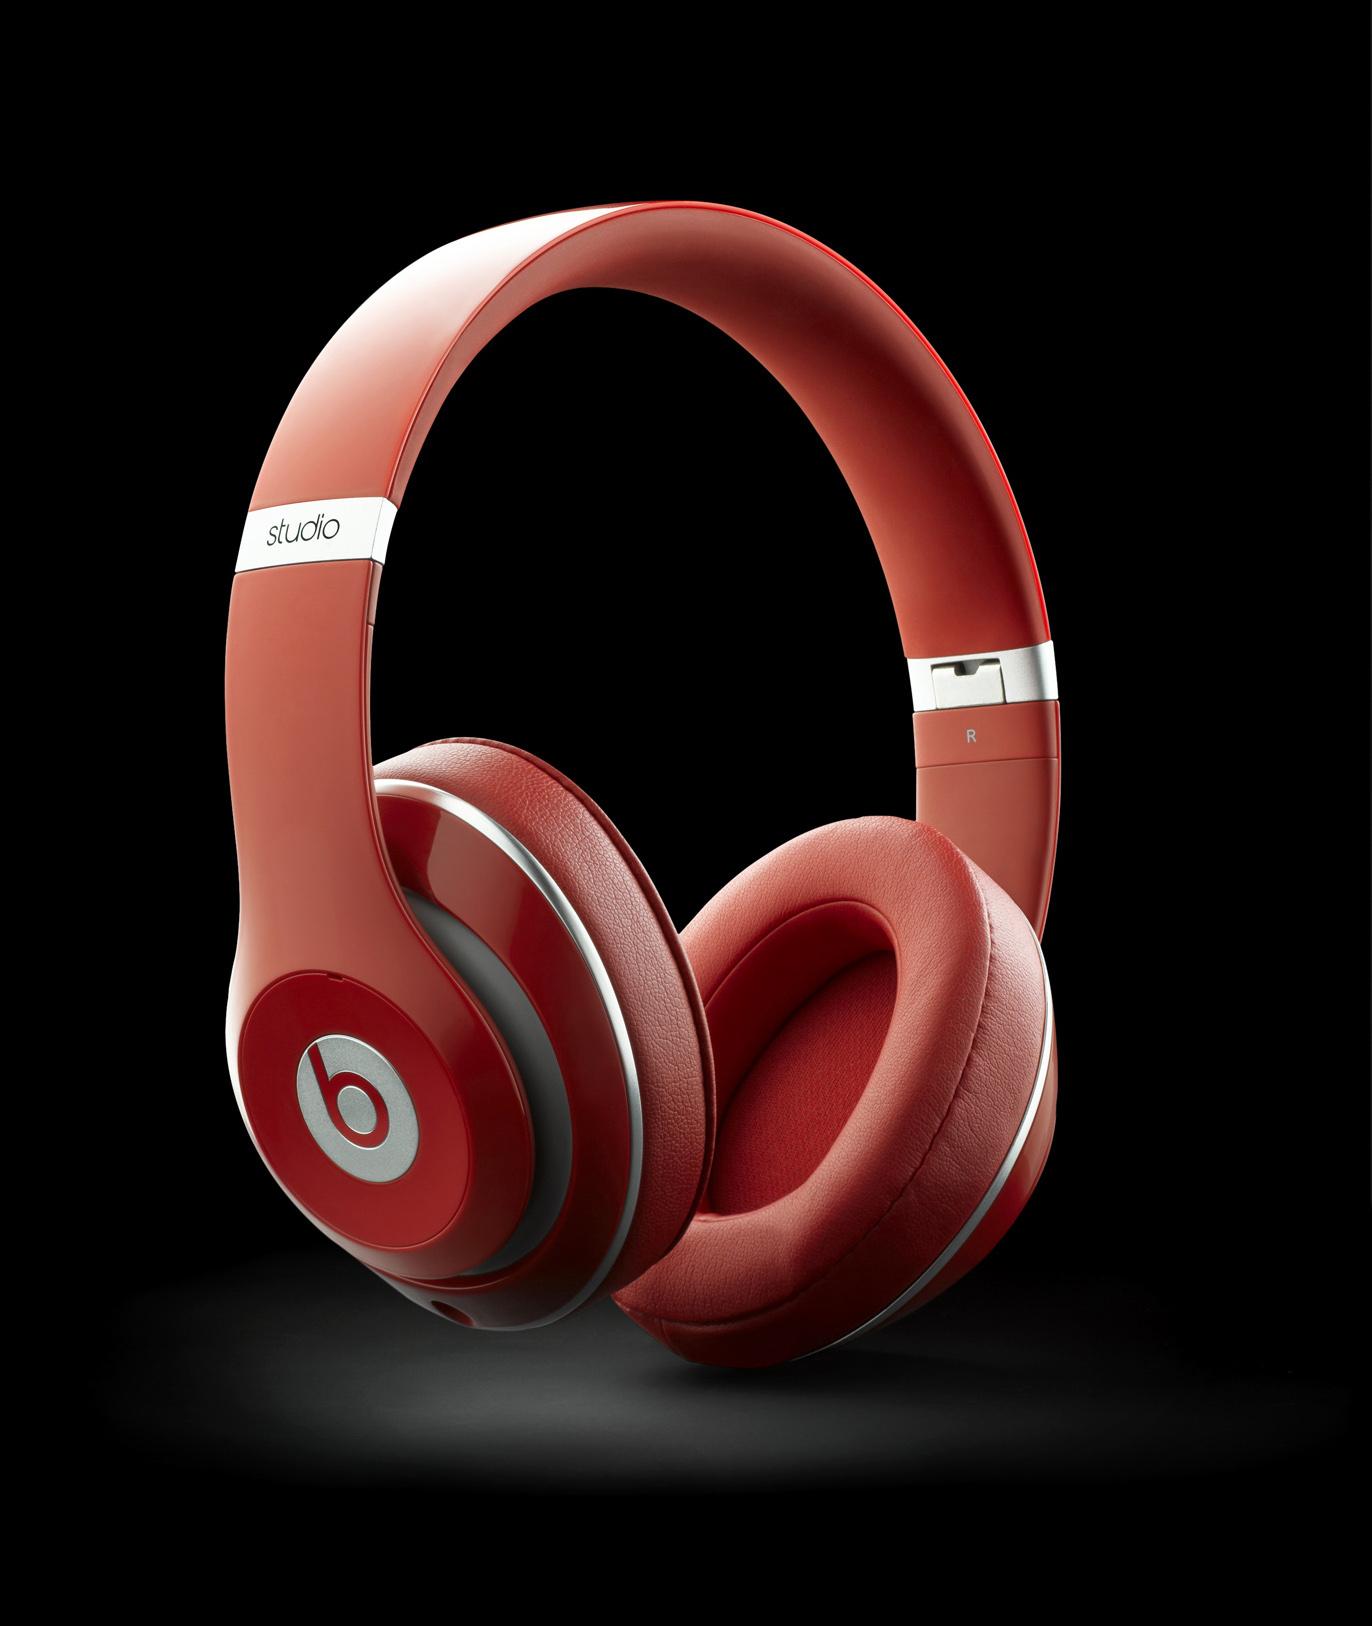 Beats Headphones Before | Tony Kubat Photography